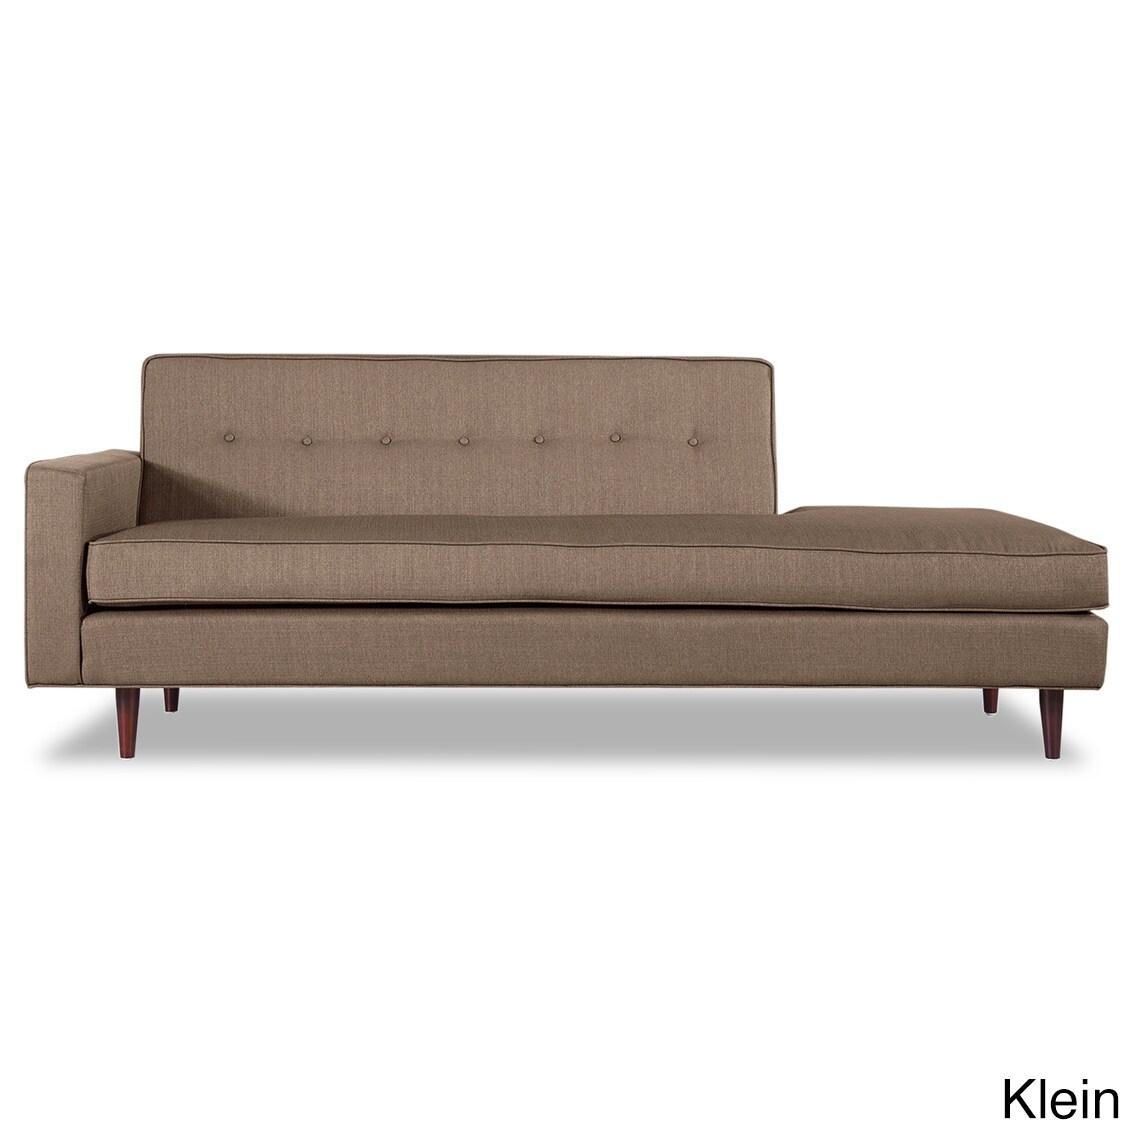 Elegant Kleine Sofaecke Foto Von Free Kardiel Eleanor Classic Cashmere Tweed Leftfacing